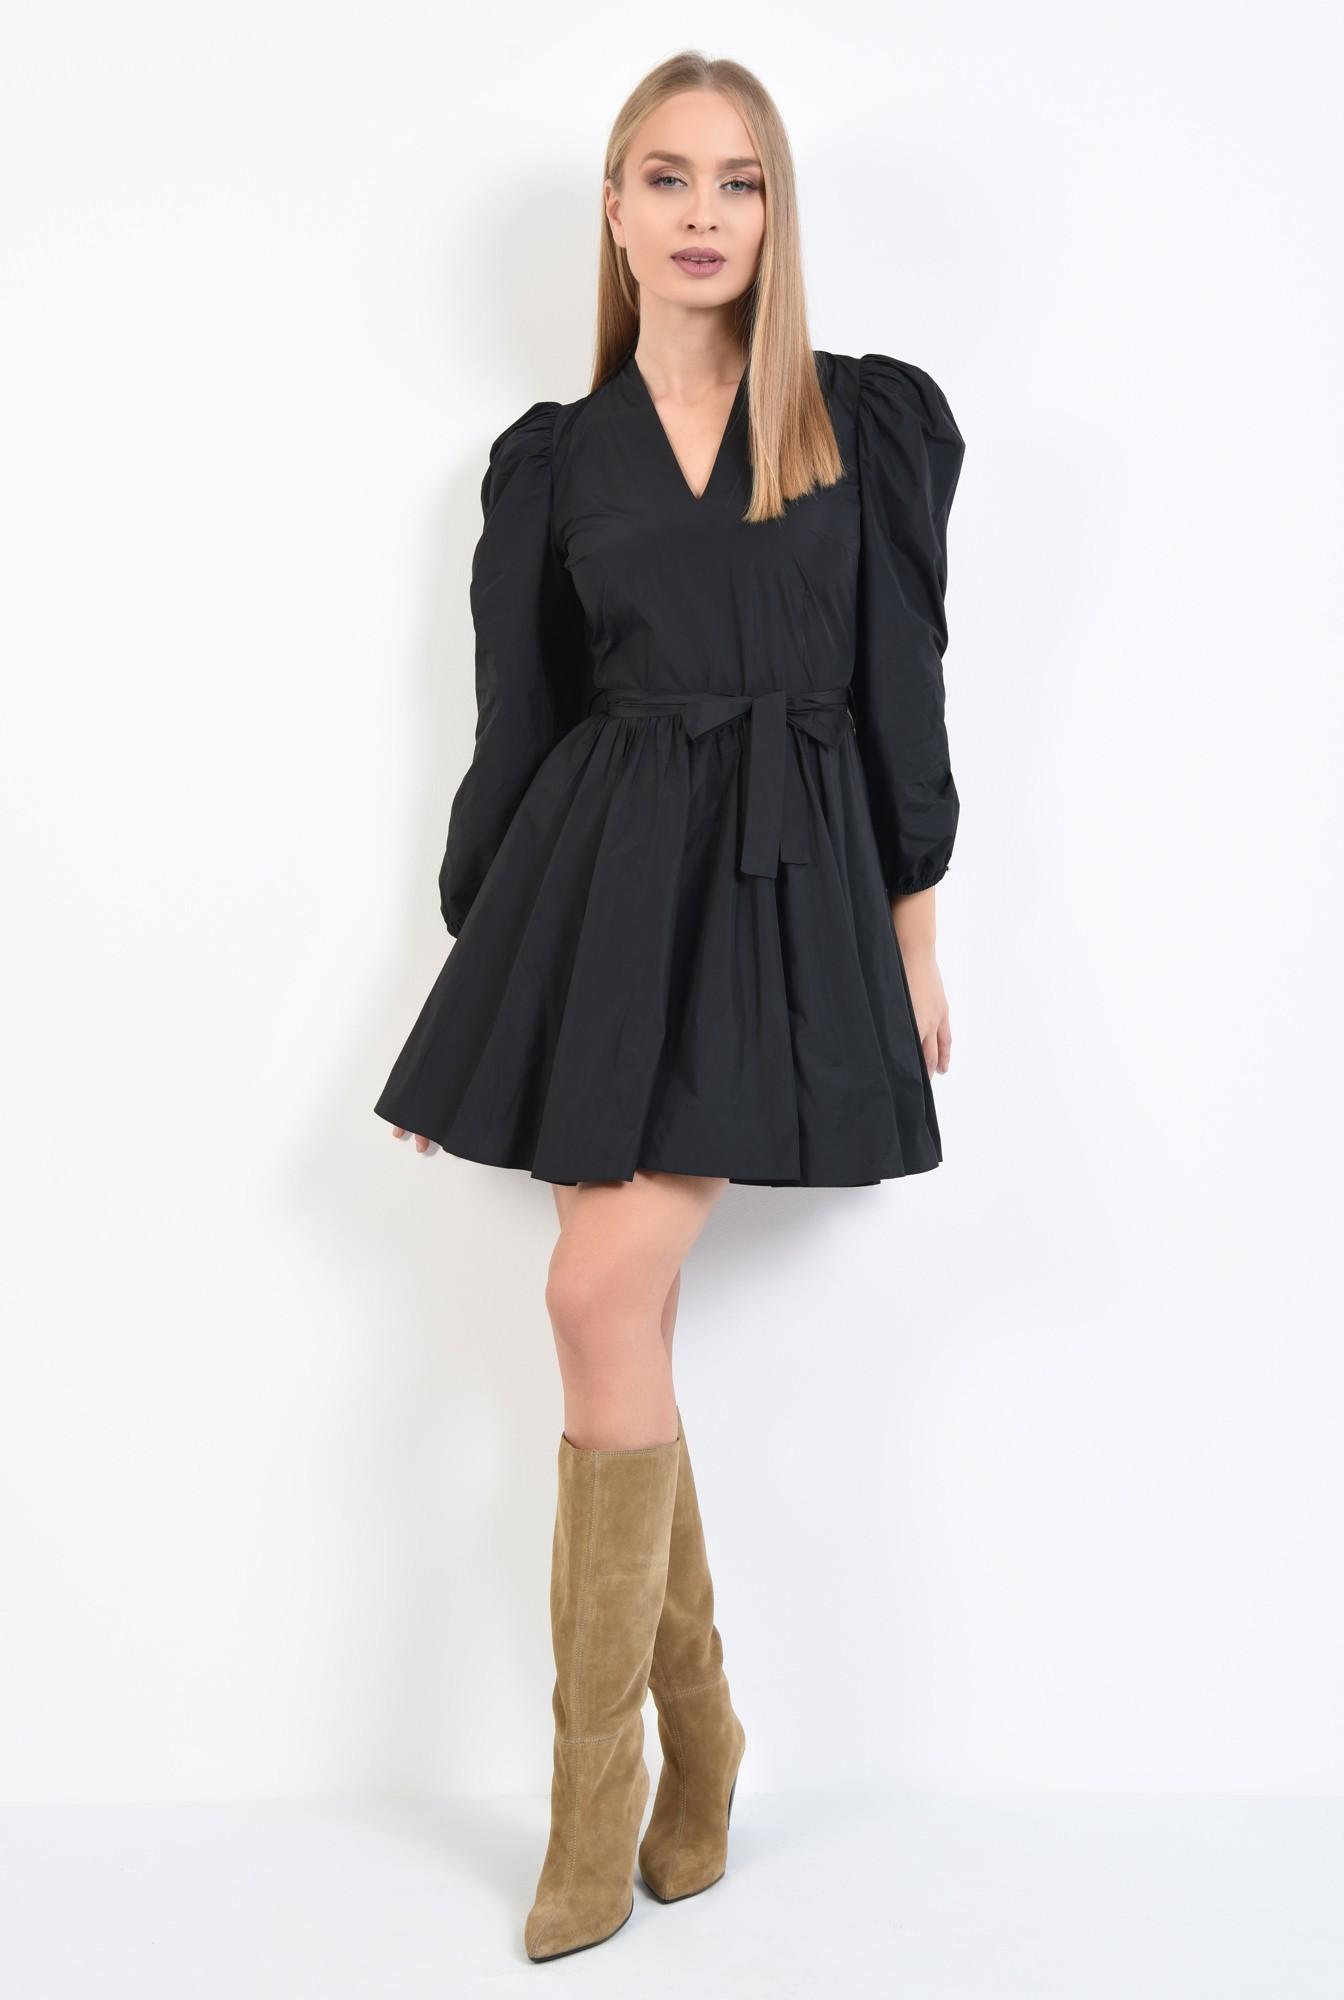 3 - rochie casual, neagra, scurta, maneci lungi bufante, funda la talie